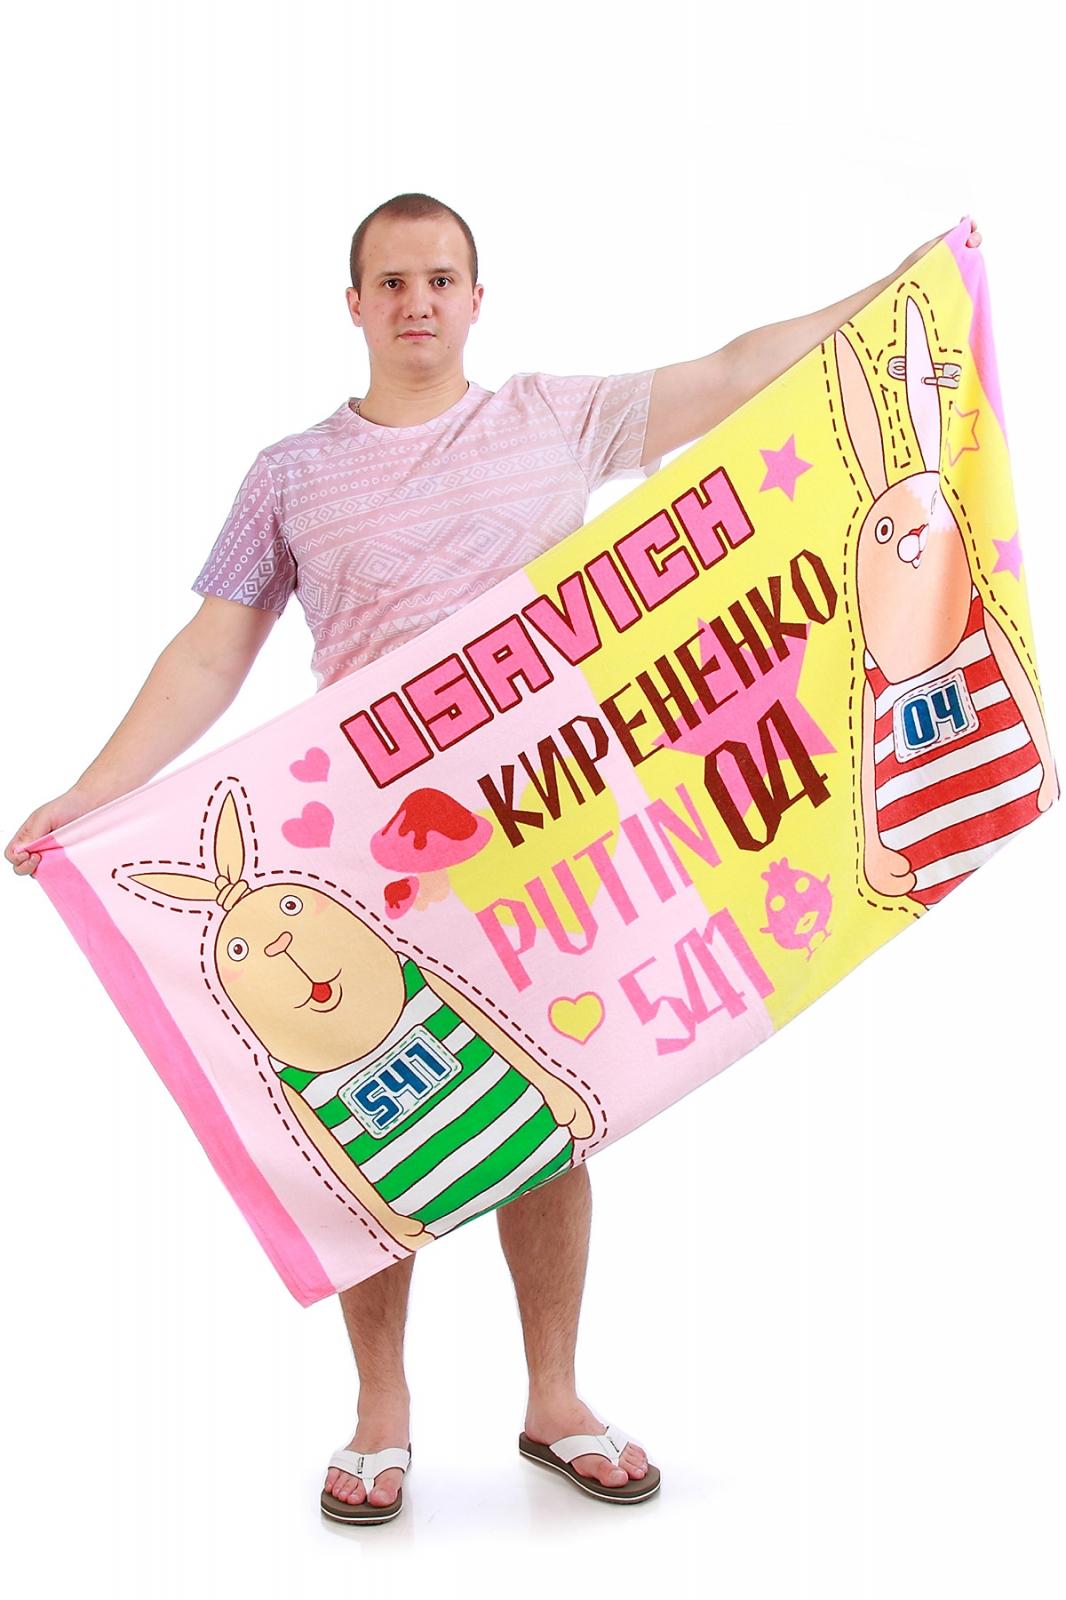 Полотенце Усавич - купить в интернет-магазине